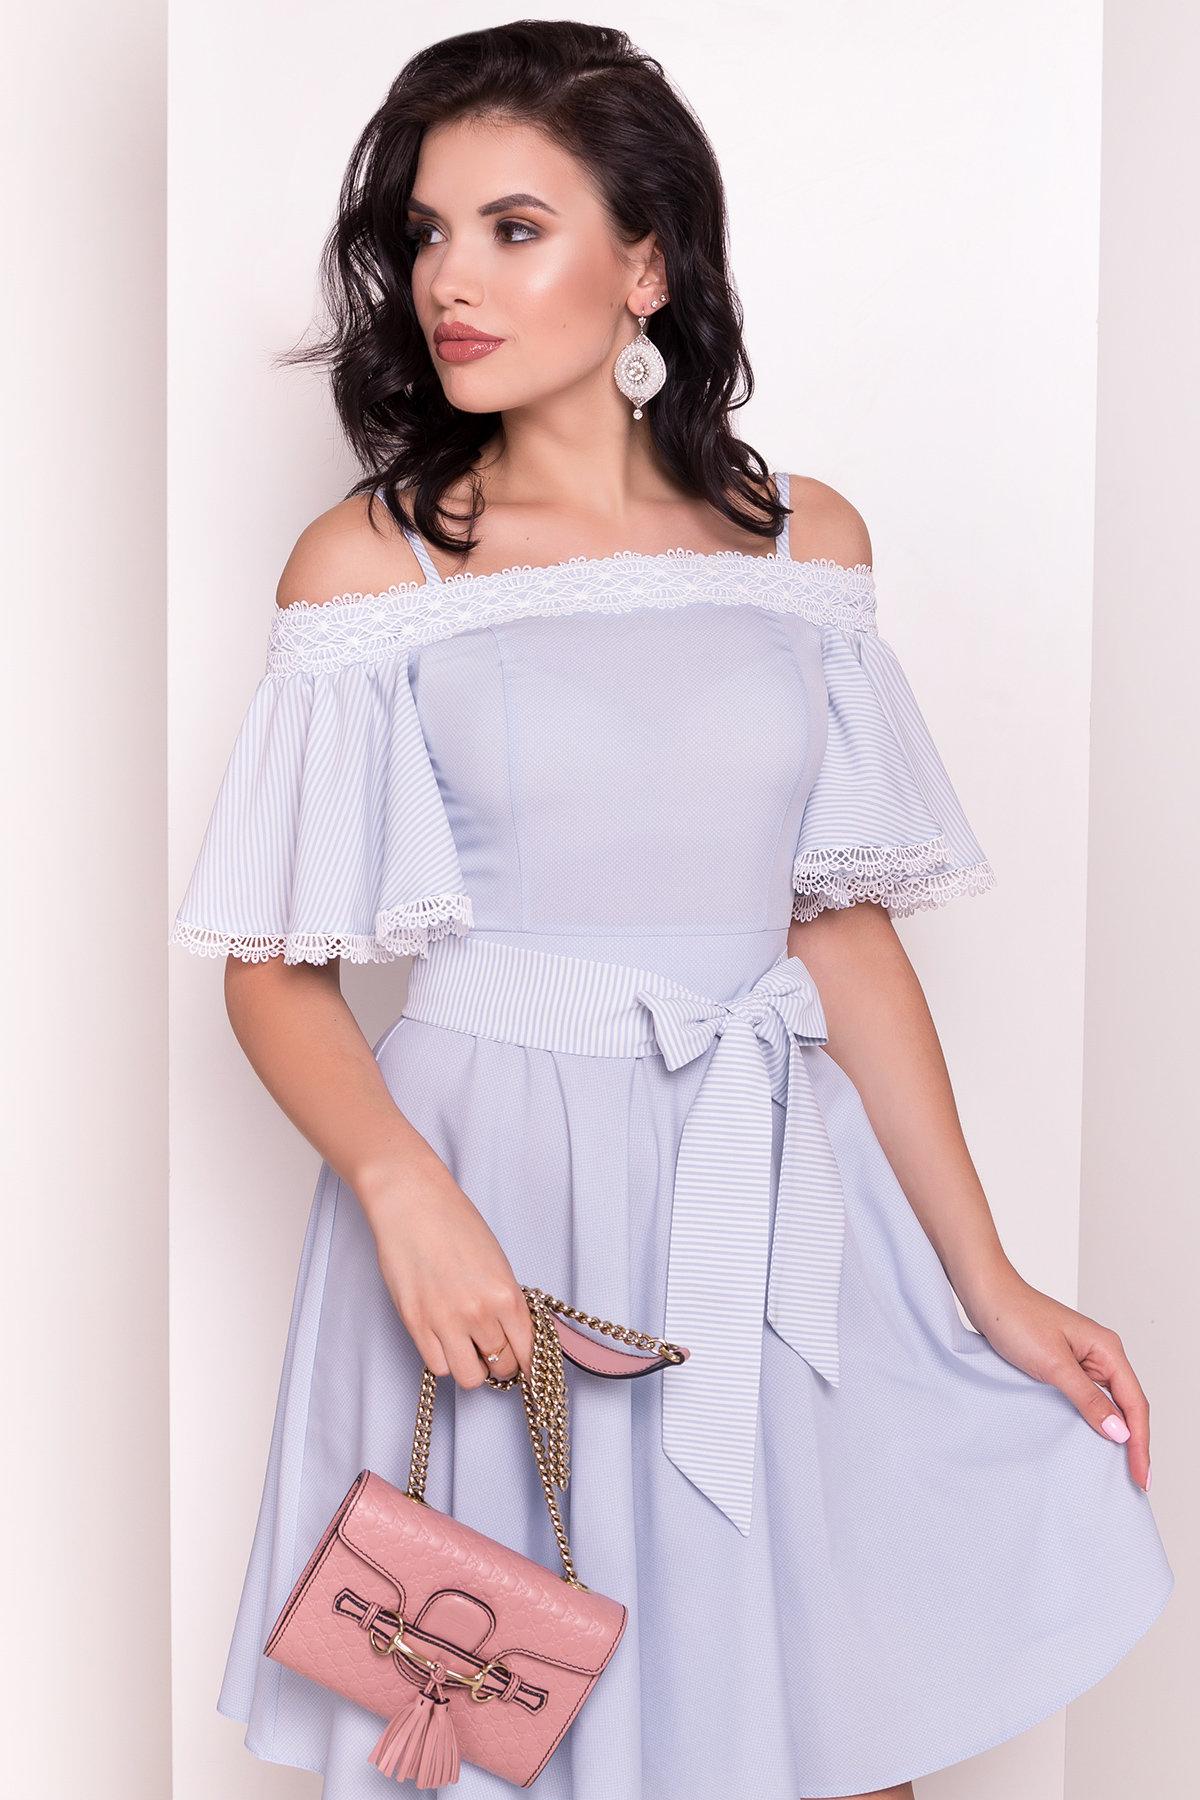 Платье Виолетта 4984 АРТ. 36119 Цвет: Голубой/молоко горох 1 - фото 4, интернет магазин tm-modus.ru